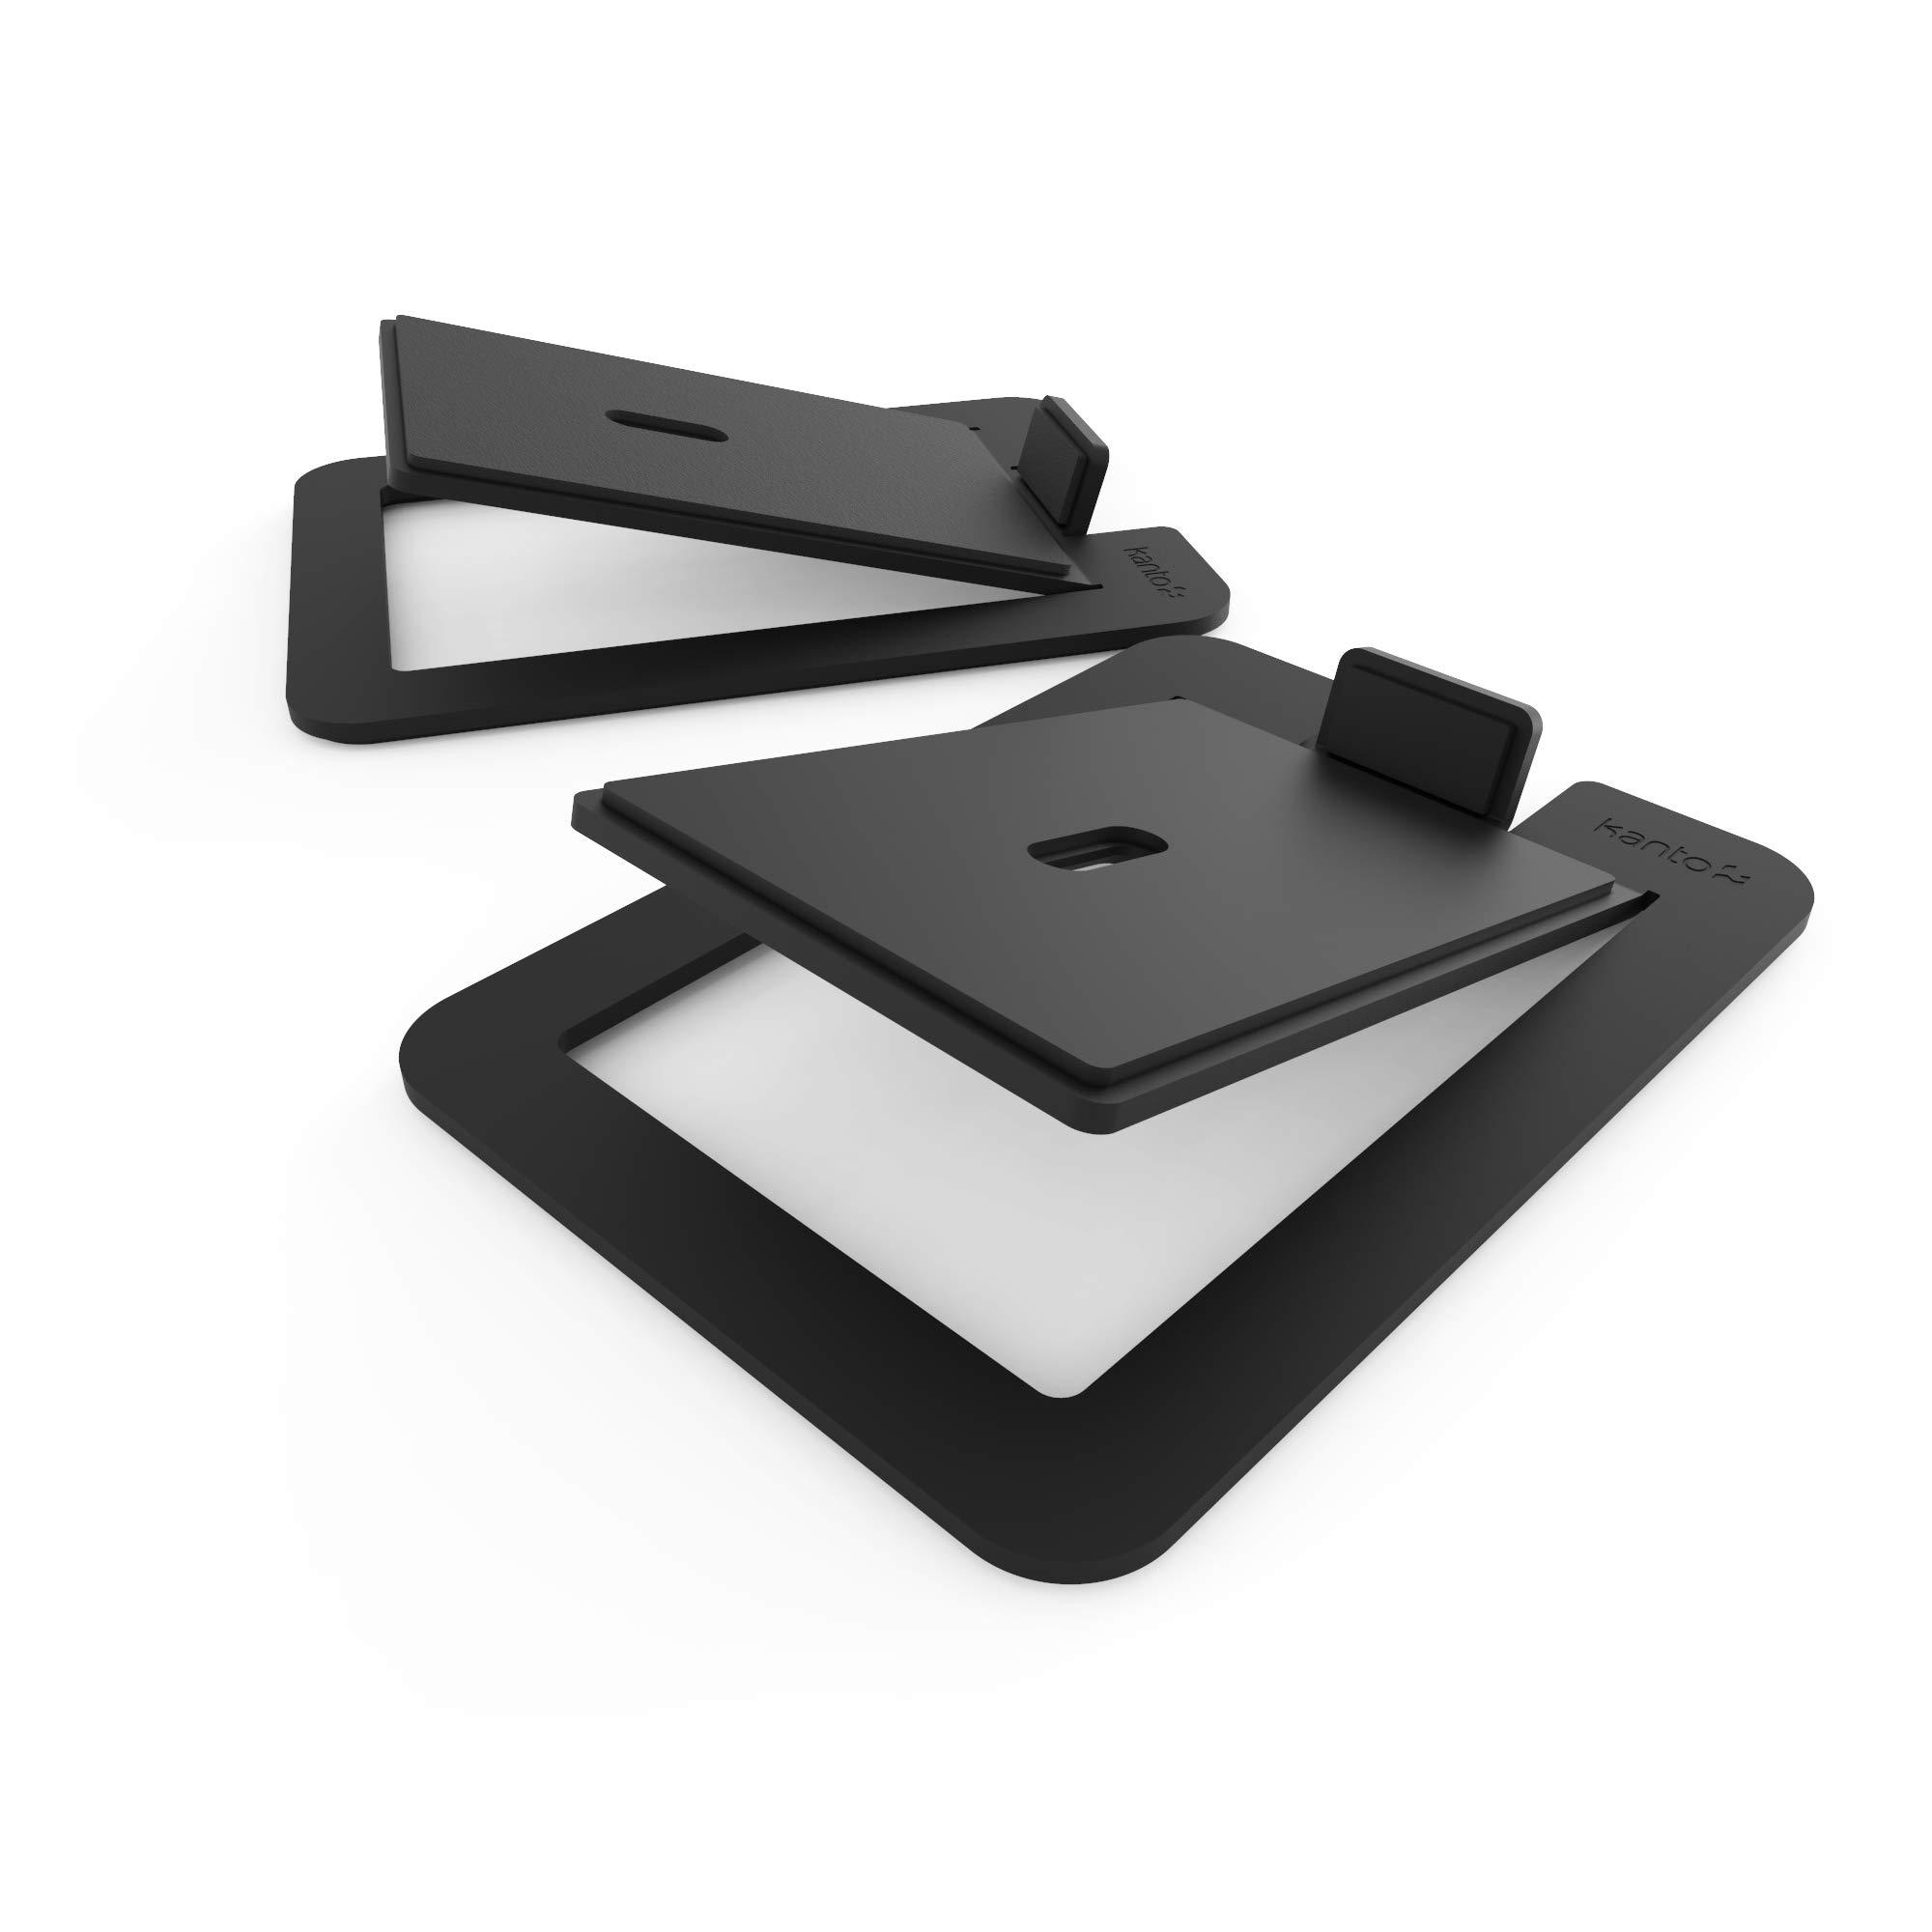 Kanto S6 Desktop Speaker Stands for Large Speakers, Black by Kanto